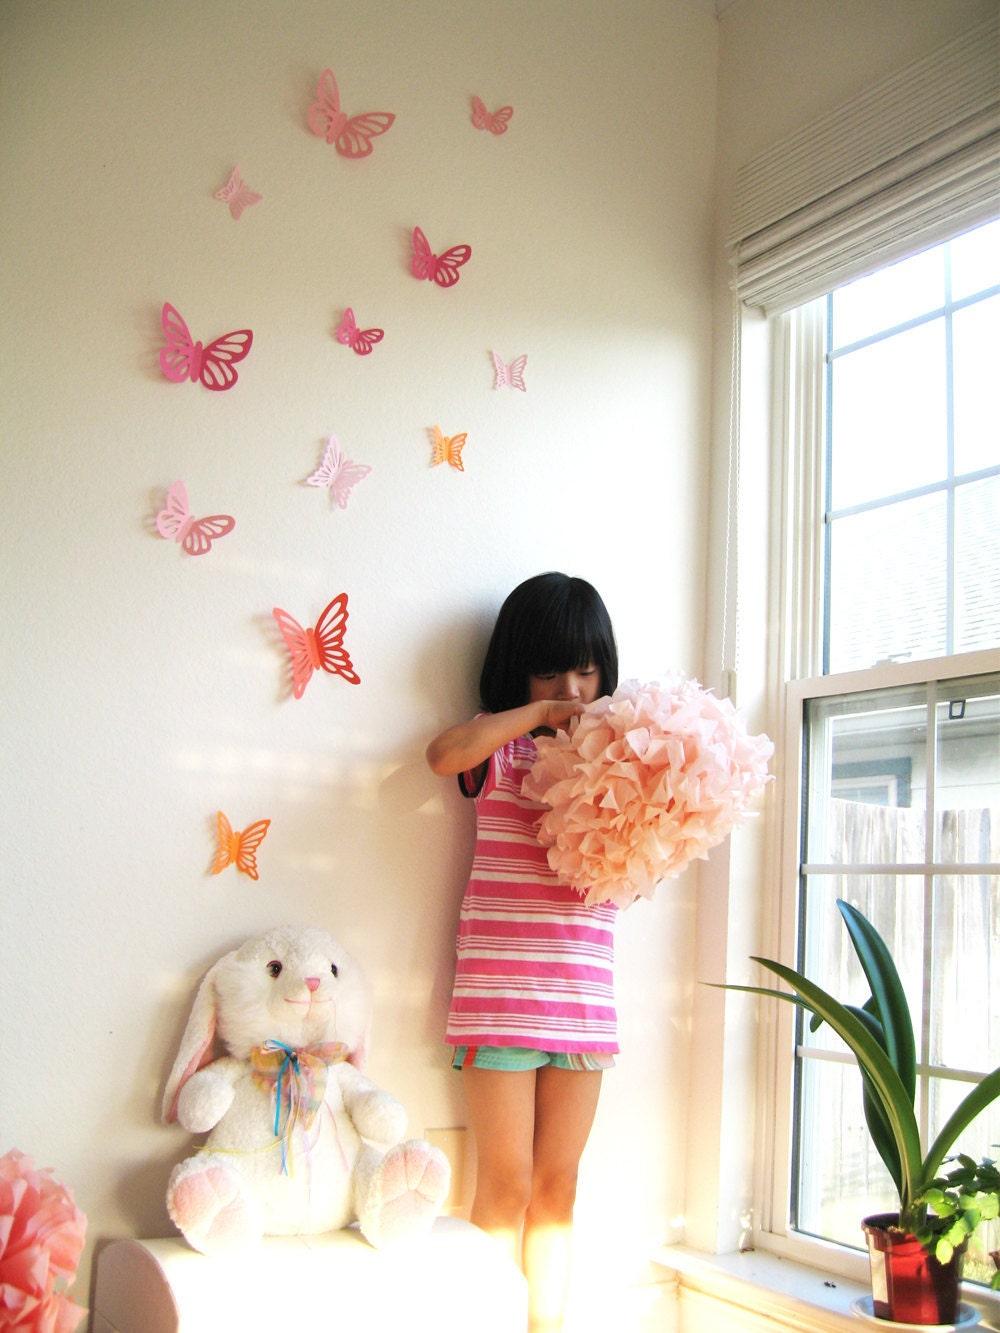 3d Wall Art For Contemporary Homes: 10 3D Wall Butterflies 3D Butterfly Wall Art Wall Decor